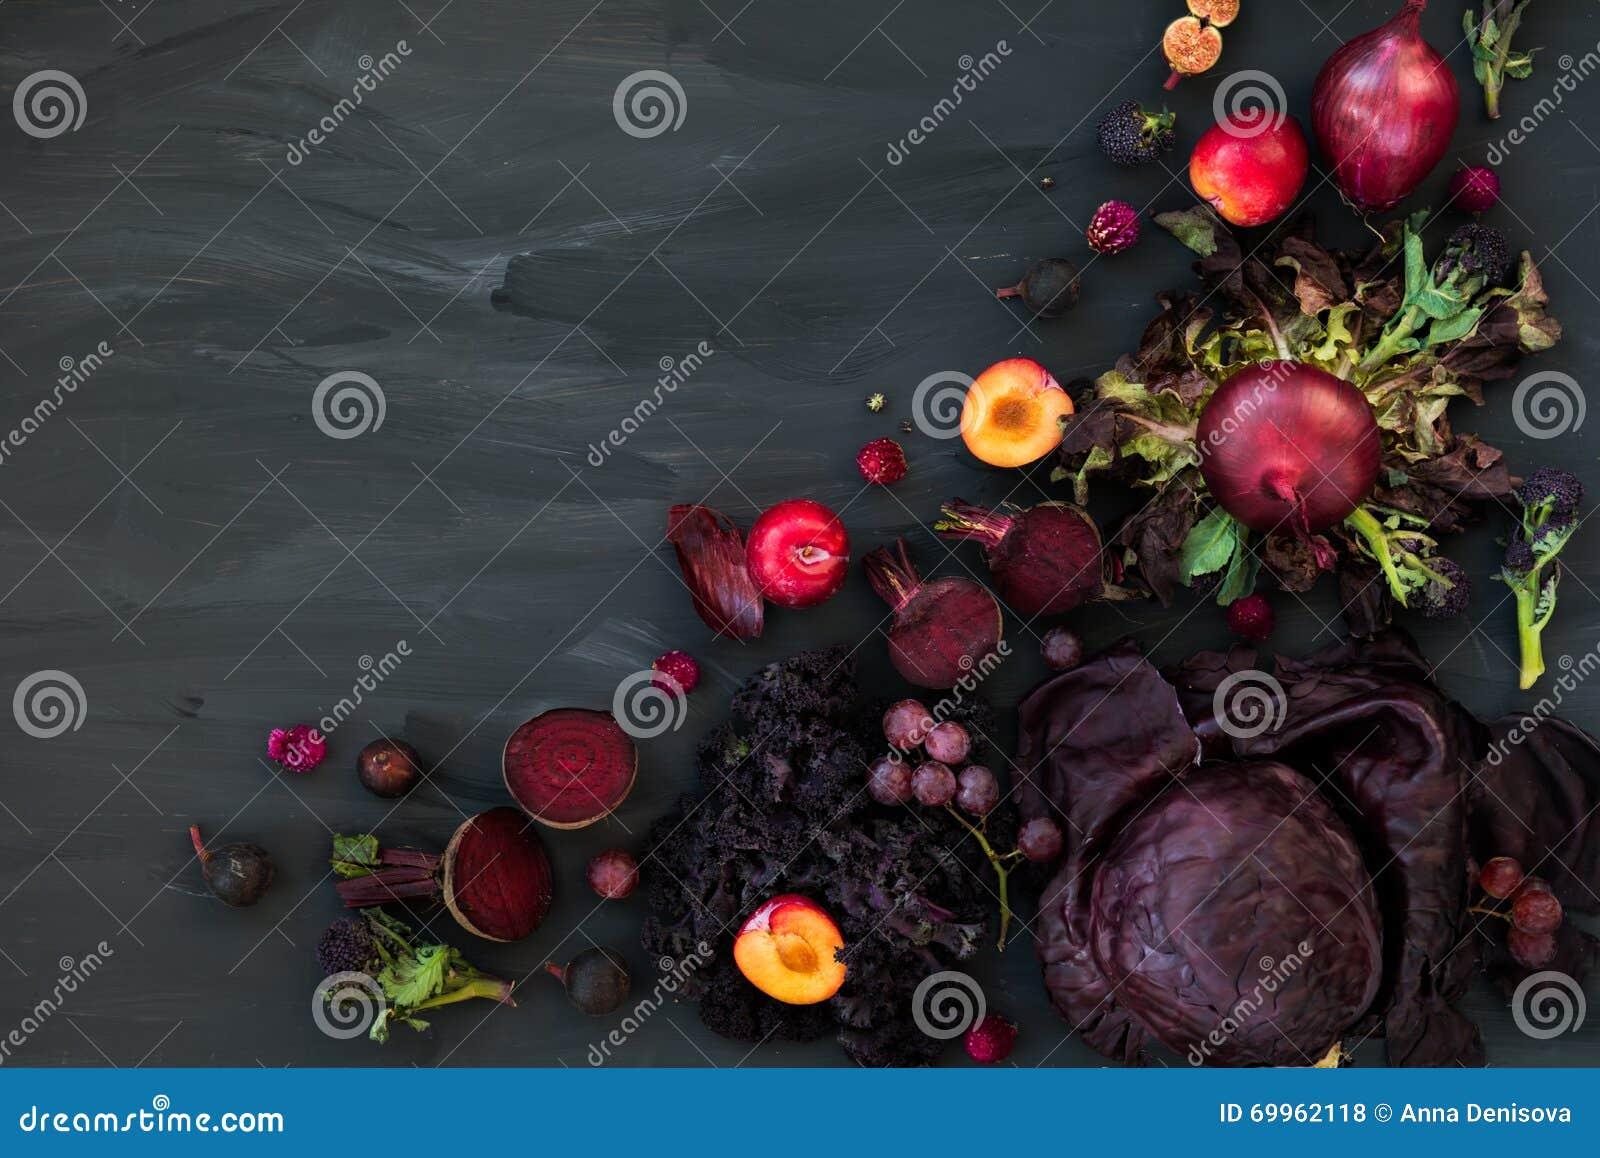 Συλλογή των φρέσκων πορφυρών φρούτων και λαχανικών